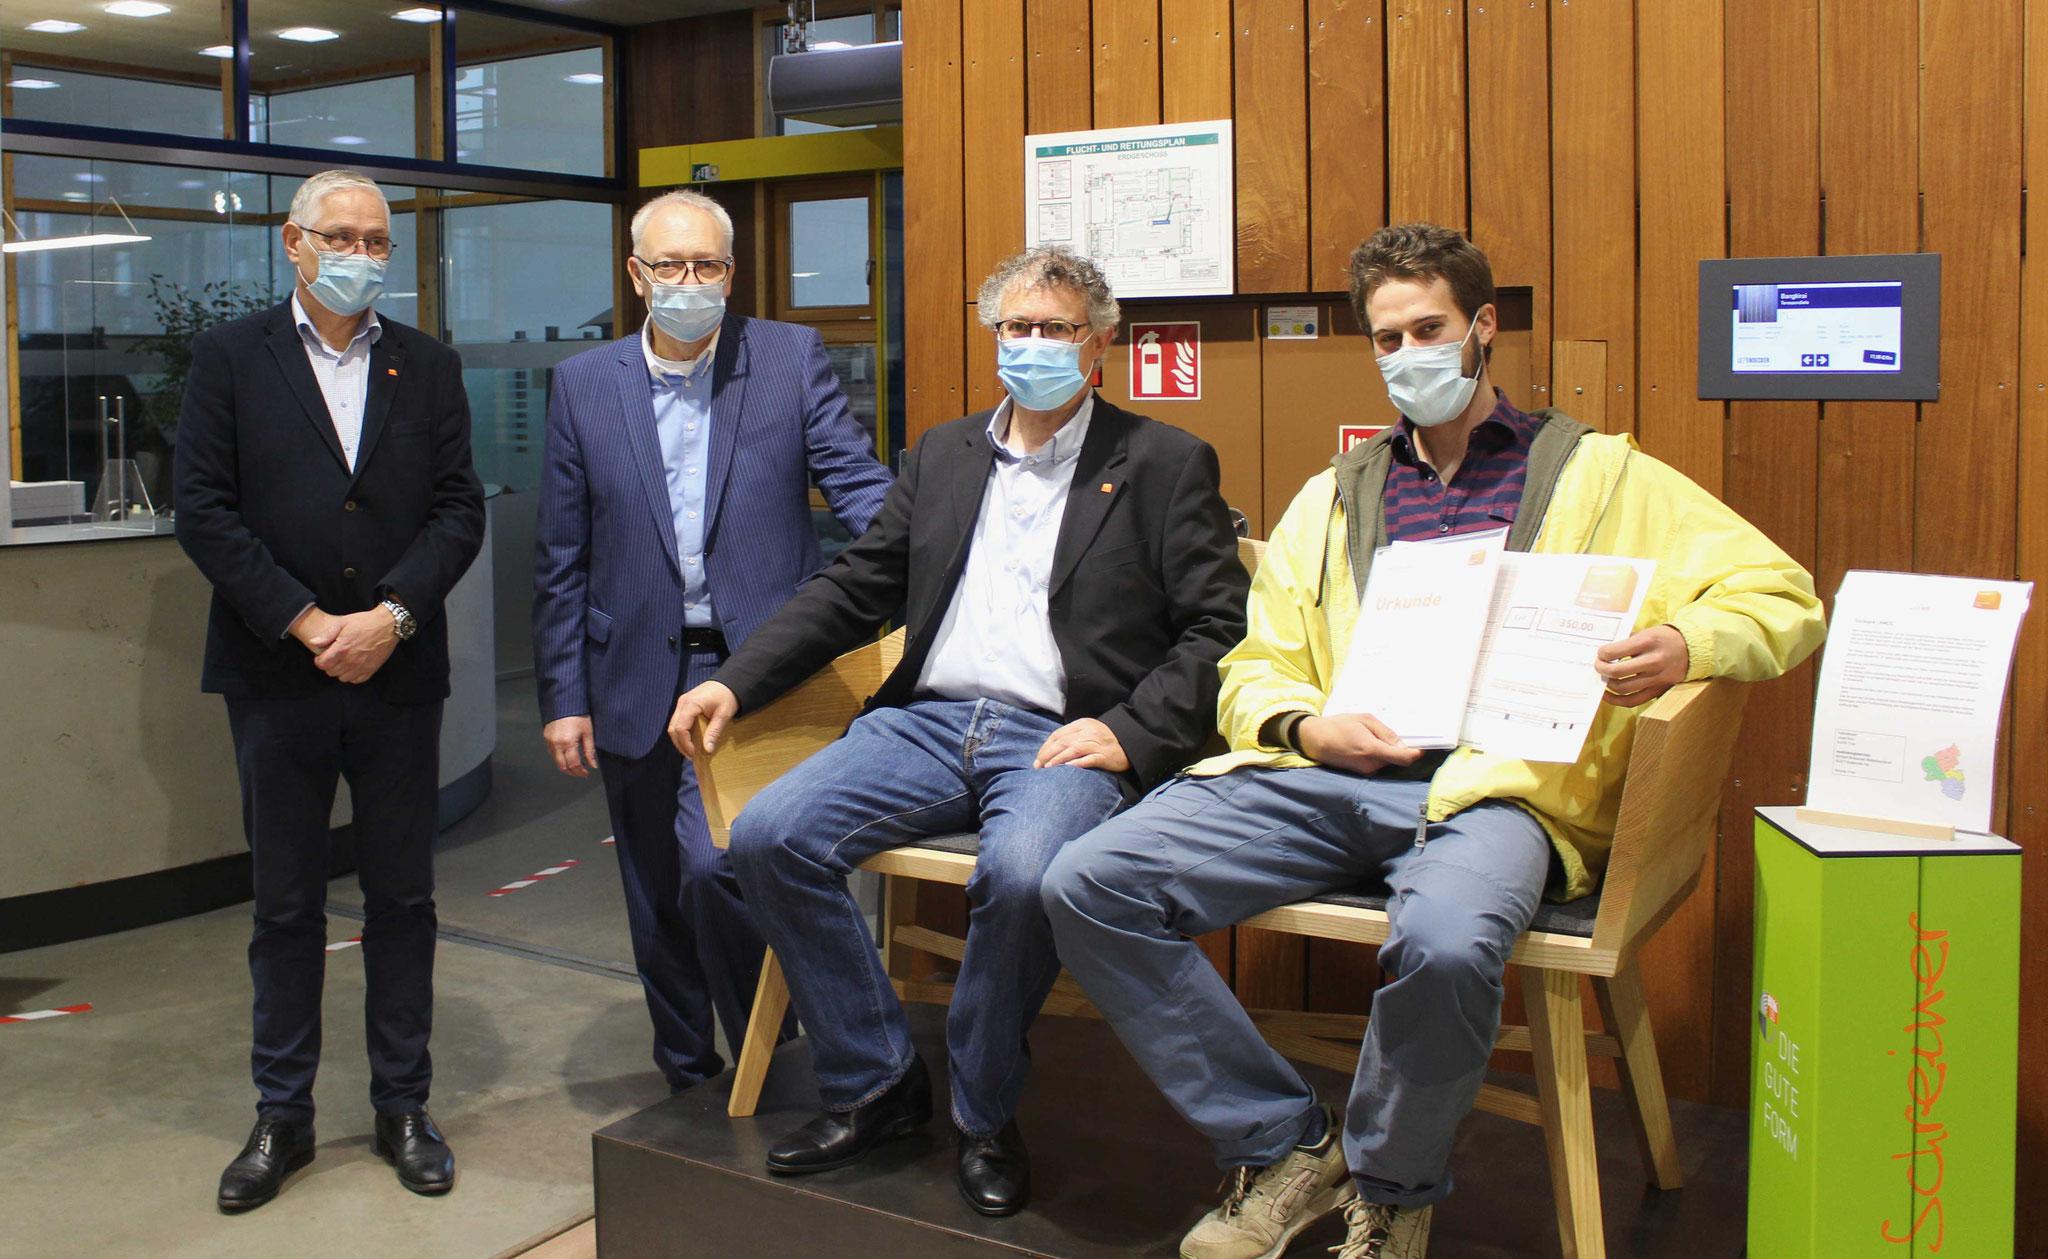 Der zweitplatzierte Josef Pinn (r.) zusammen mit Stefan Zock (2.v.r.), Rainer Adams (l.) und Hermann Hubing (2.v.l.).